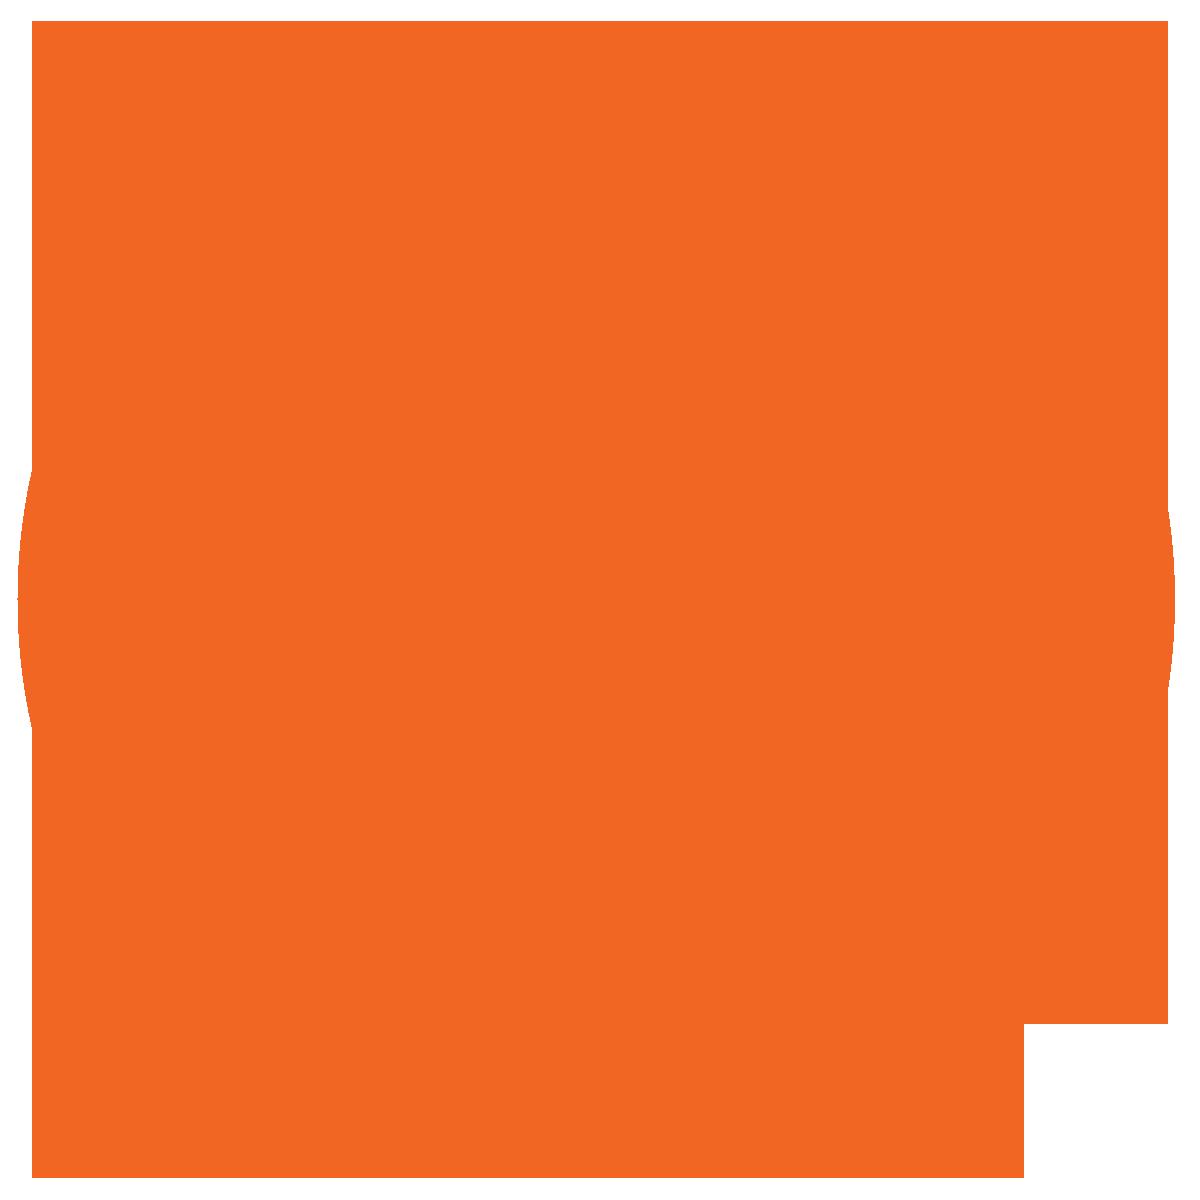 Nuclear symbol on orange background